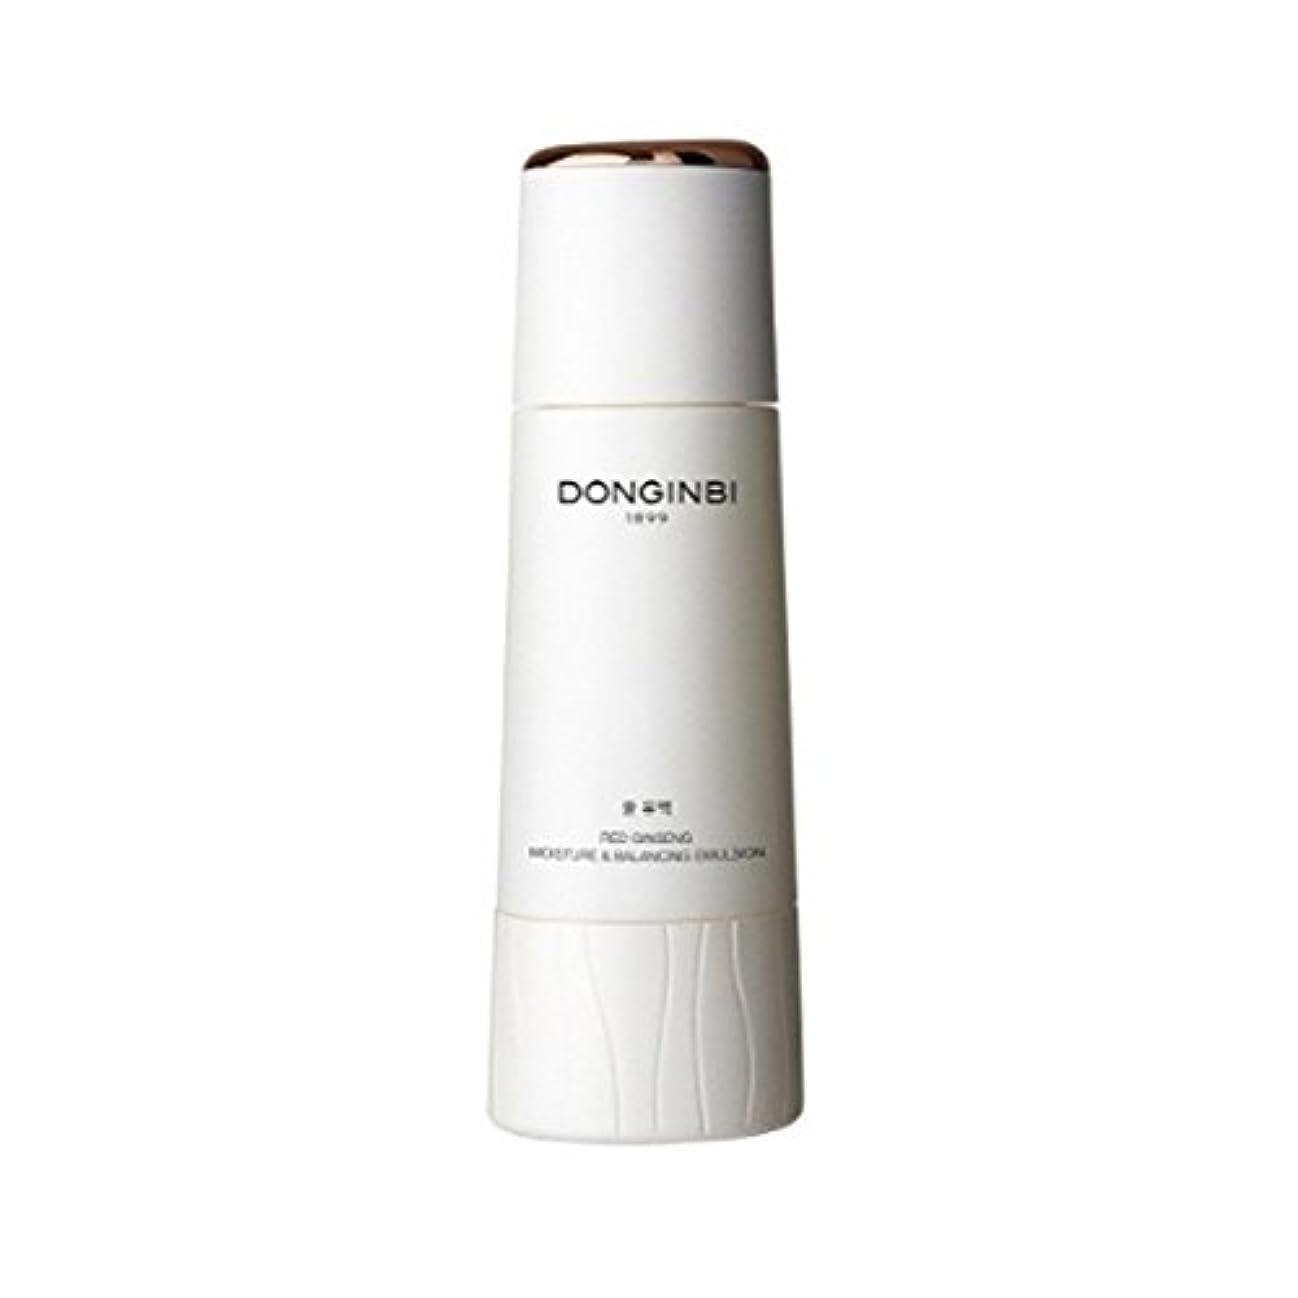 くま先のことを考える潜水艦[ドンインビ]DONGINBI ドンインビユン 乳液 130ml 海外直送品 Emulsion130ml [並行輸入品]